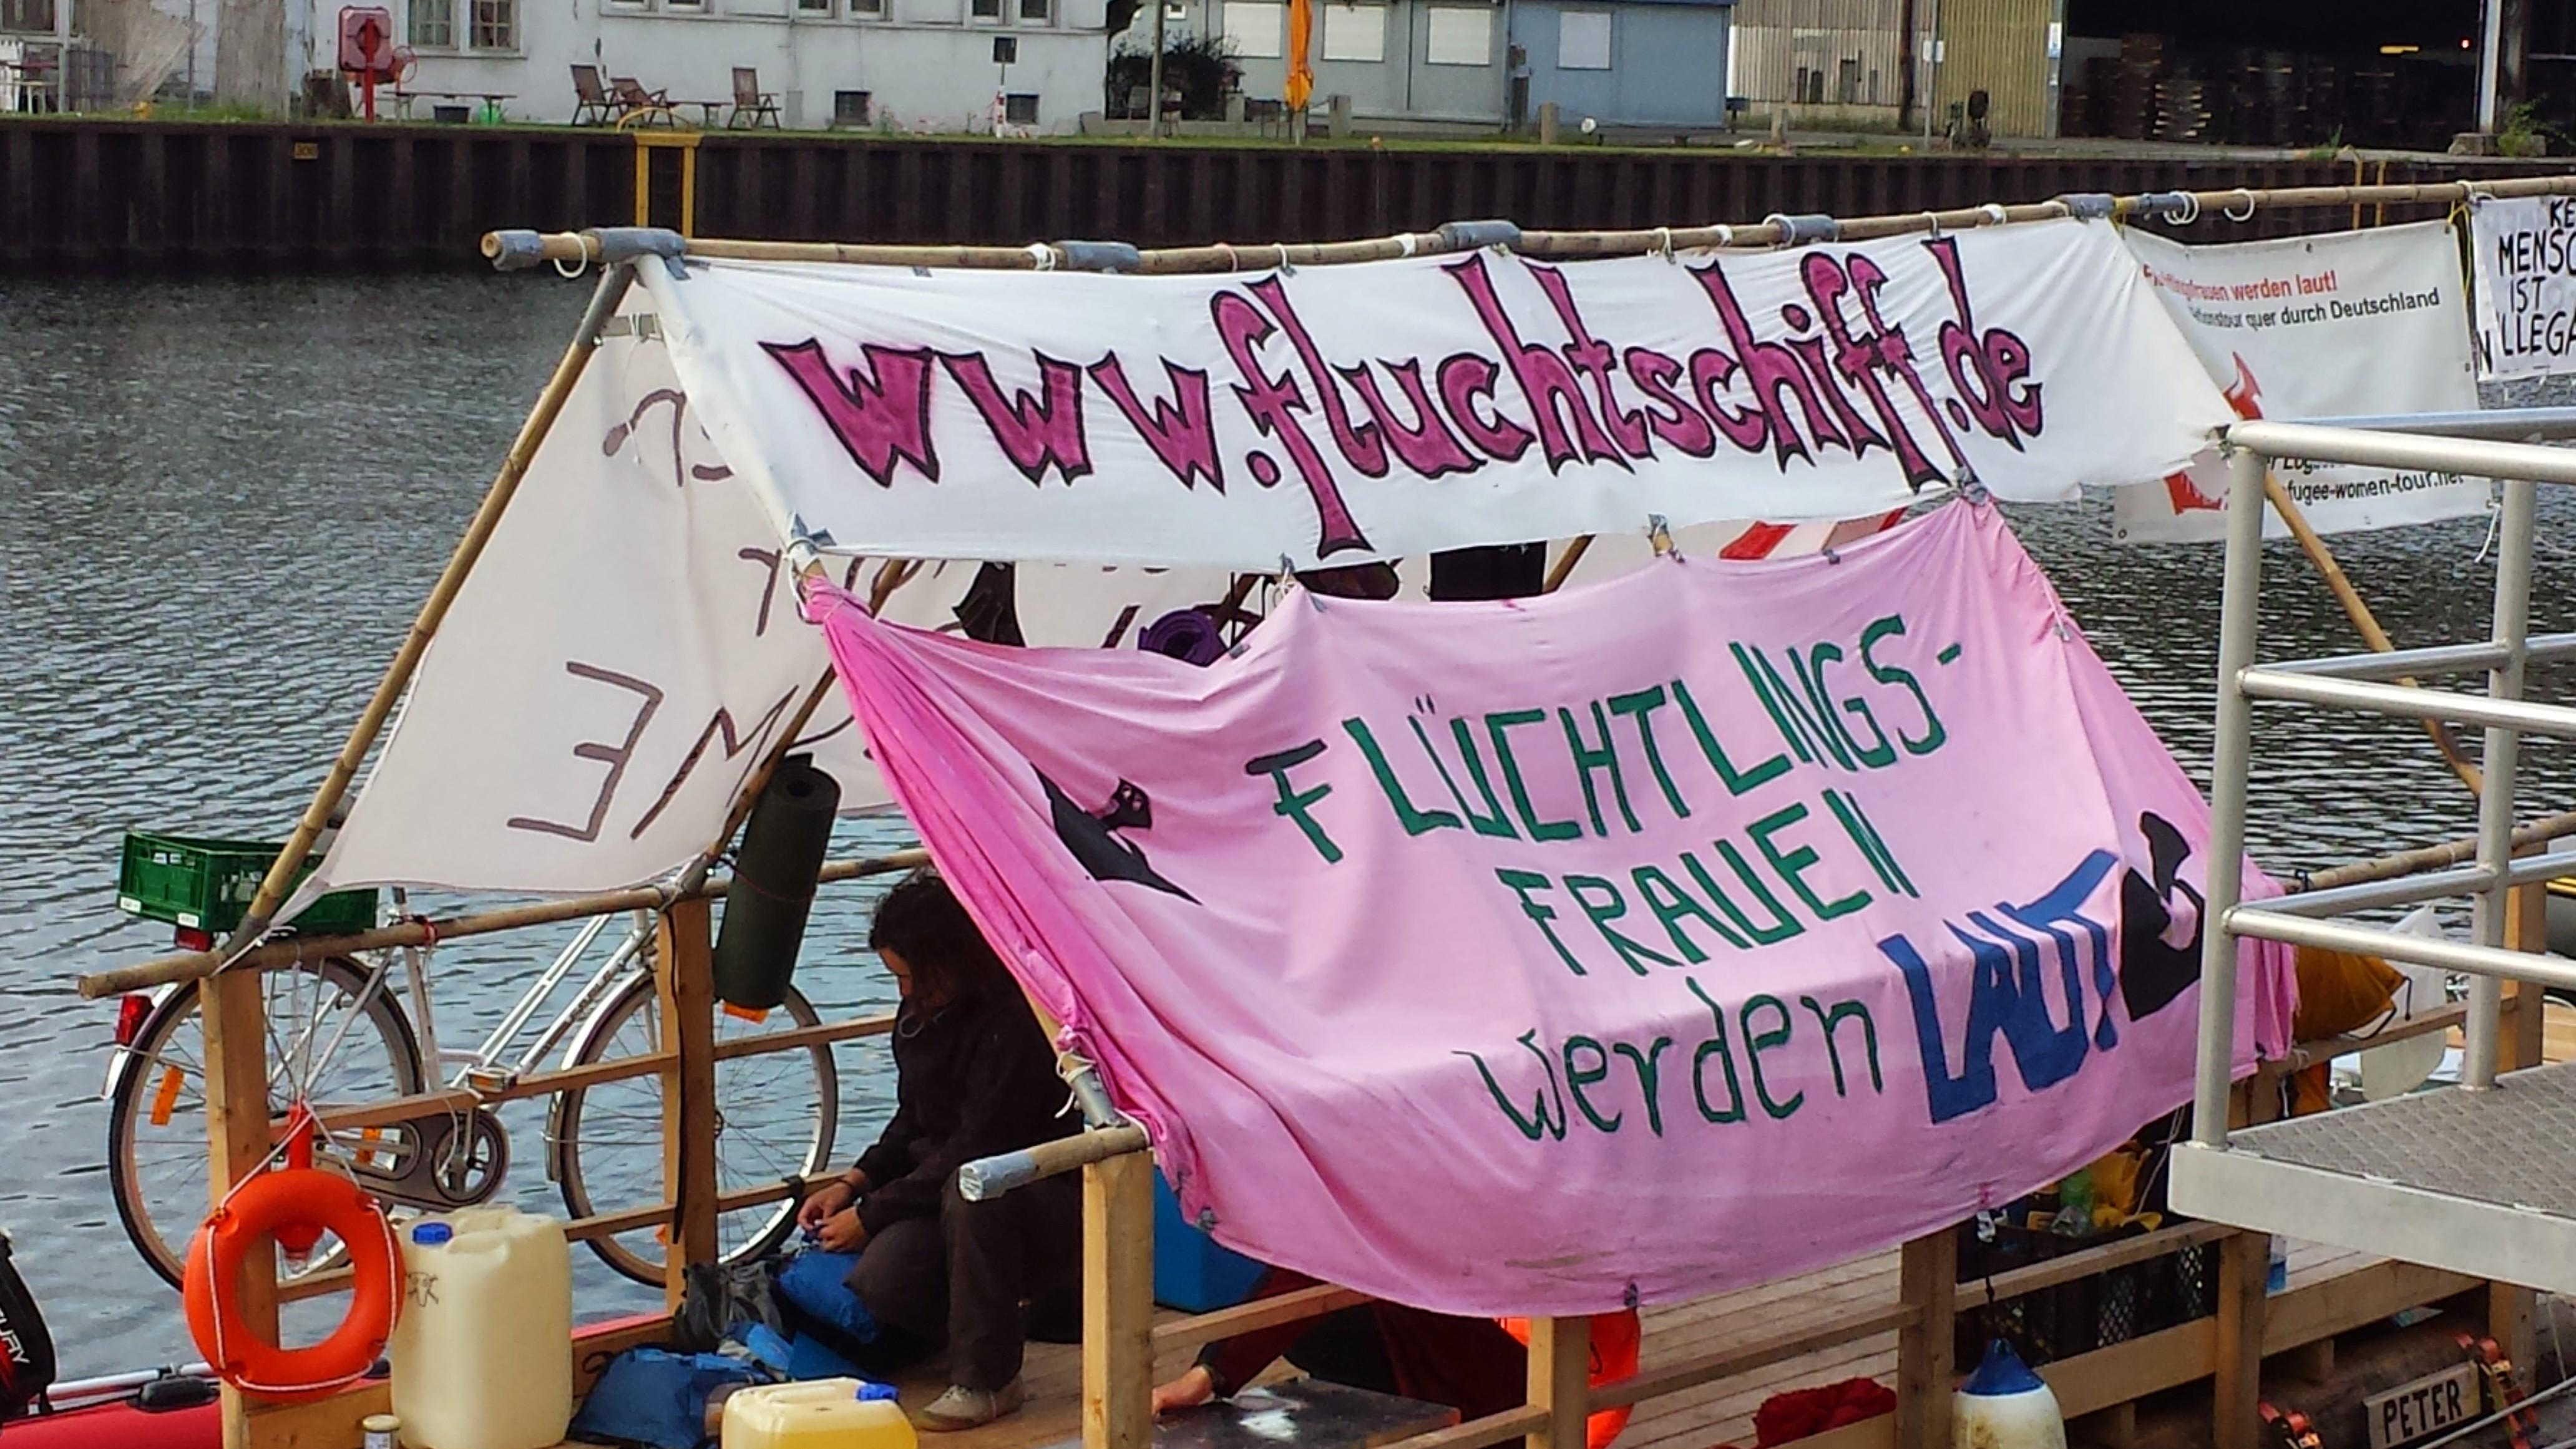 Vor einiger Zeit machte das Fluchtschiff im Dortmunder Hafen fest, um auf die Situation von Flüchtlingsfrauen aufmerksam zu machen. Vom kommenden Dienstag an werden fast an gleicher Stelle 180 Flüchtlinge auf zwei Flusskreuzfahrtschiffen wohnen; Foto: C.-D.Stille